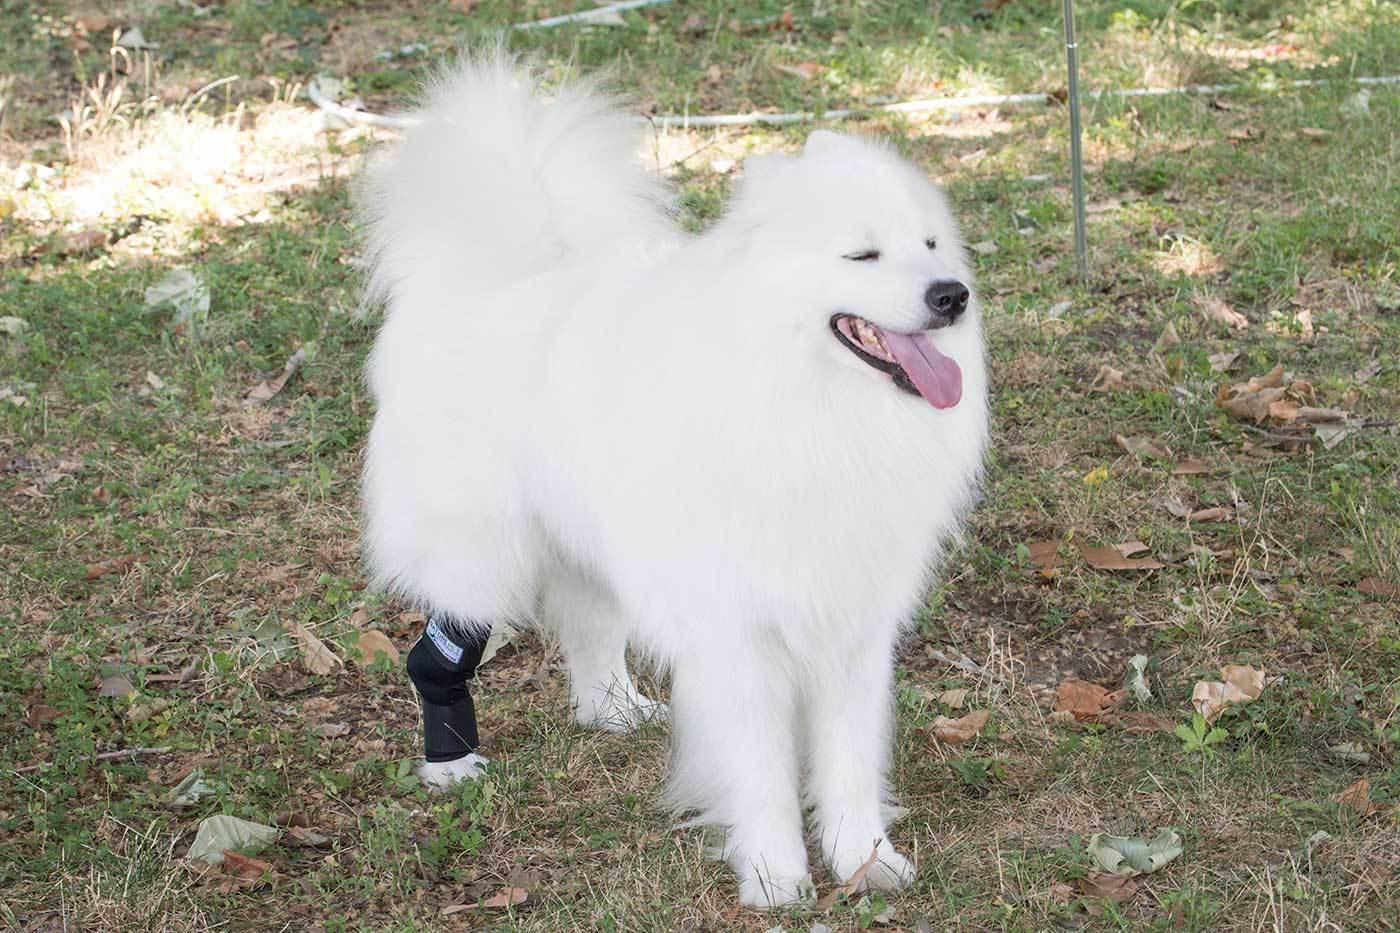 ARTICOLAZIONE DELLA CAVIGLIA Protezione Fasciatura 135° per cani / tarsalgelenk